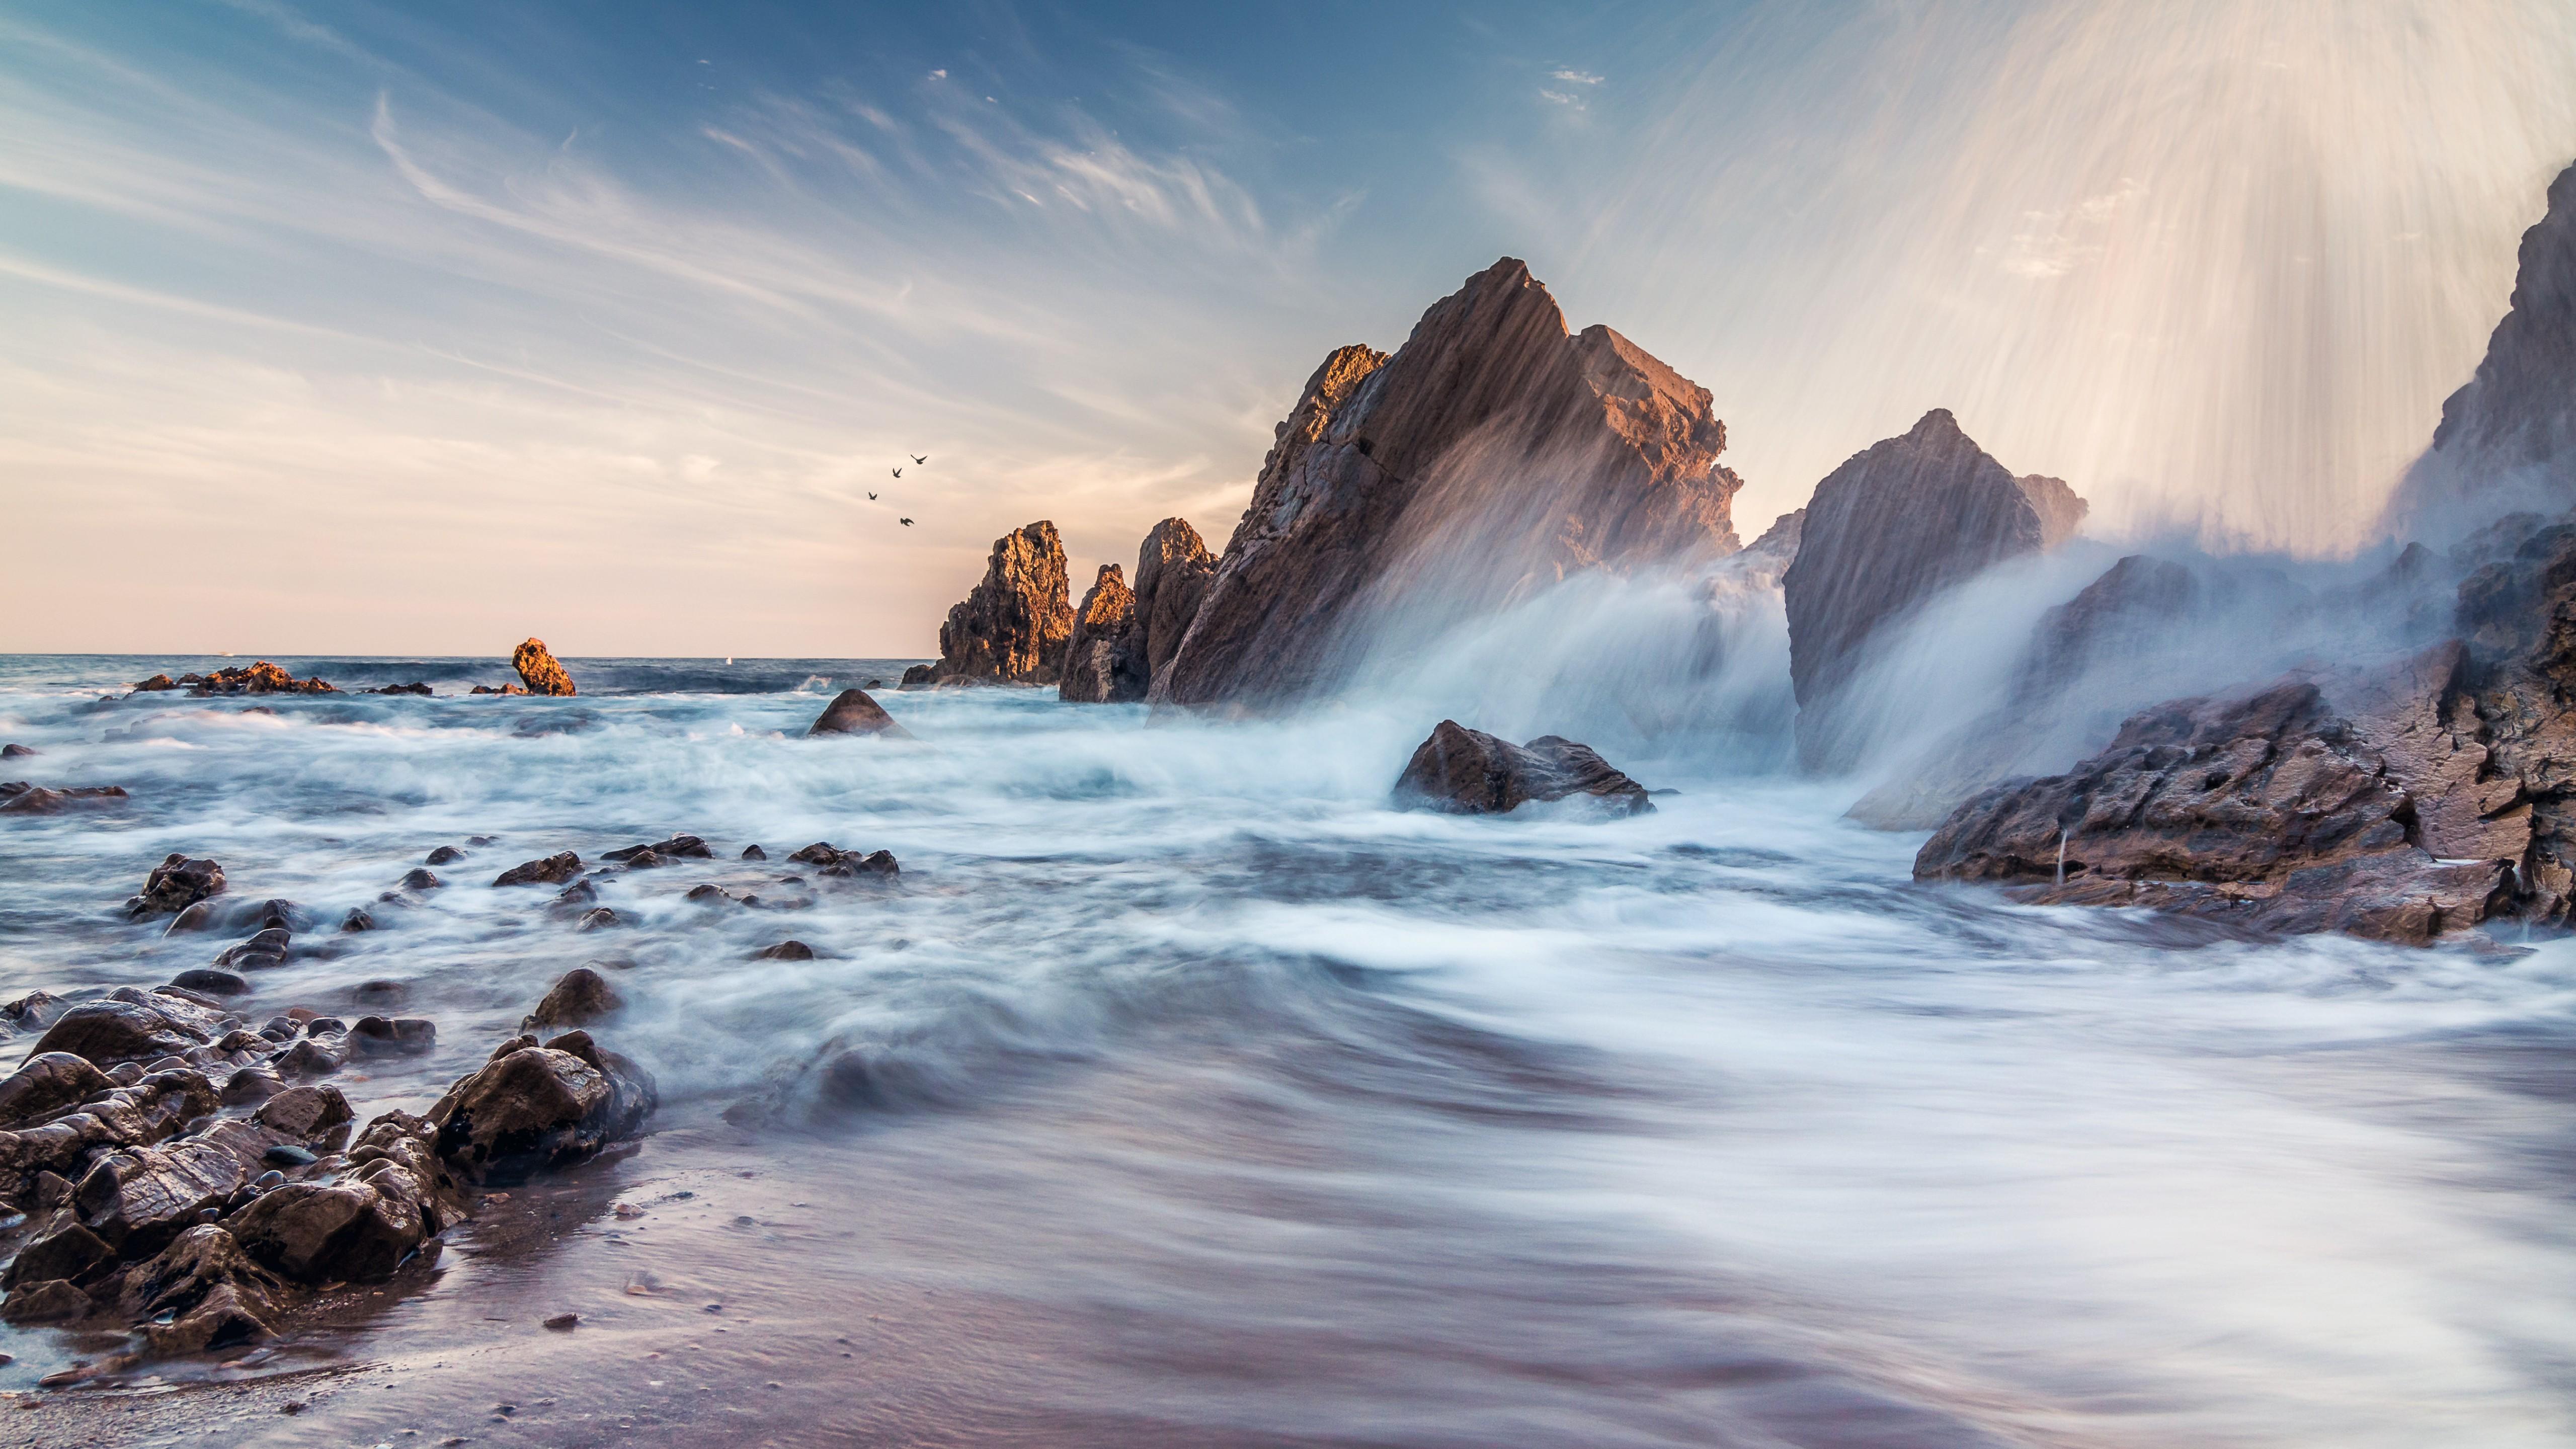 Wallpaper Corona Del Mar California